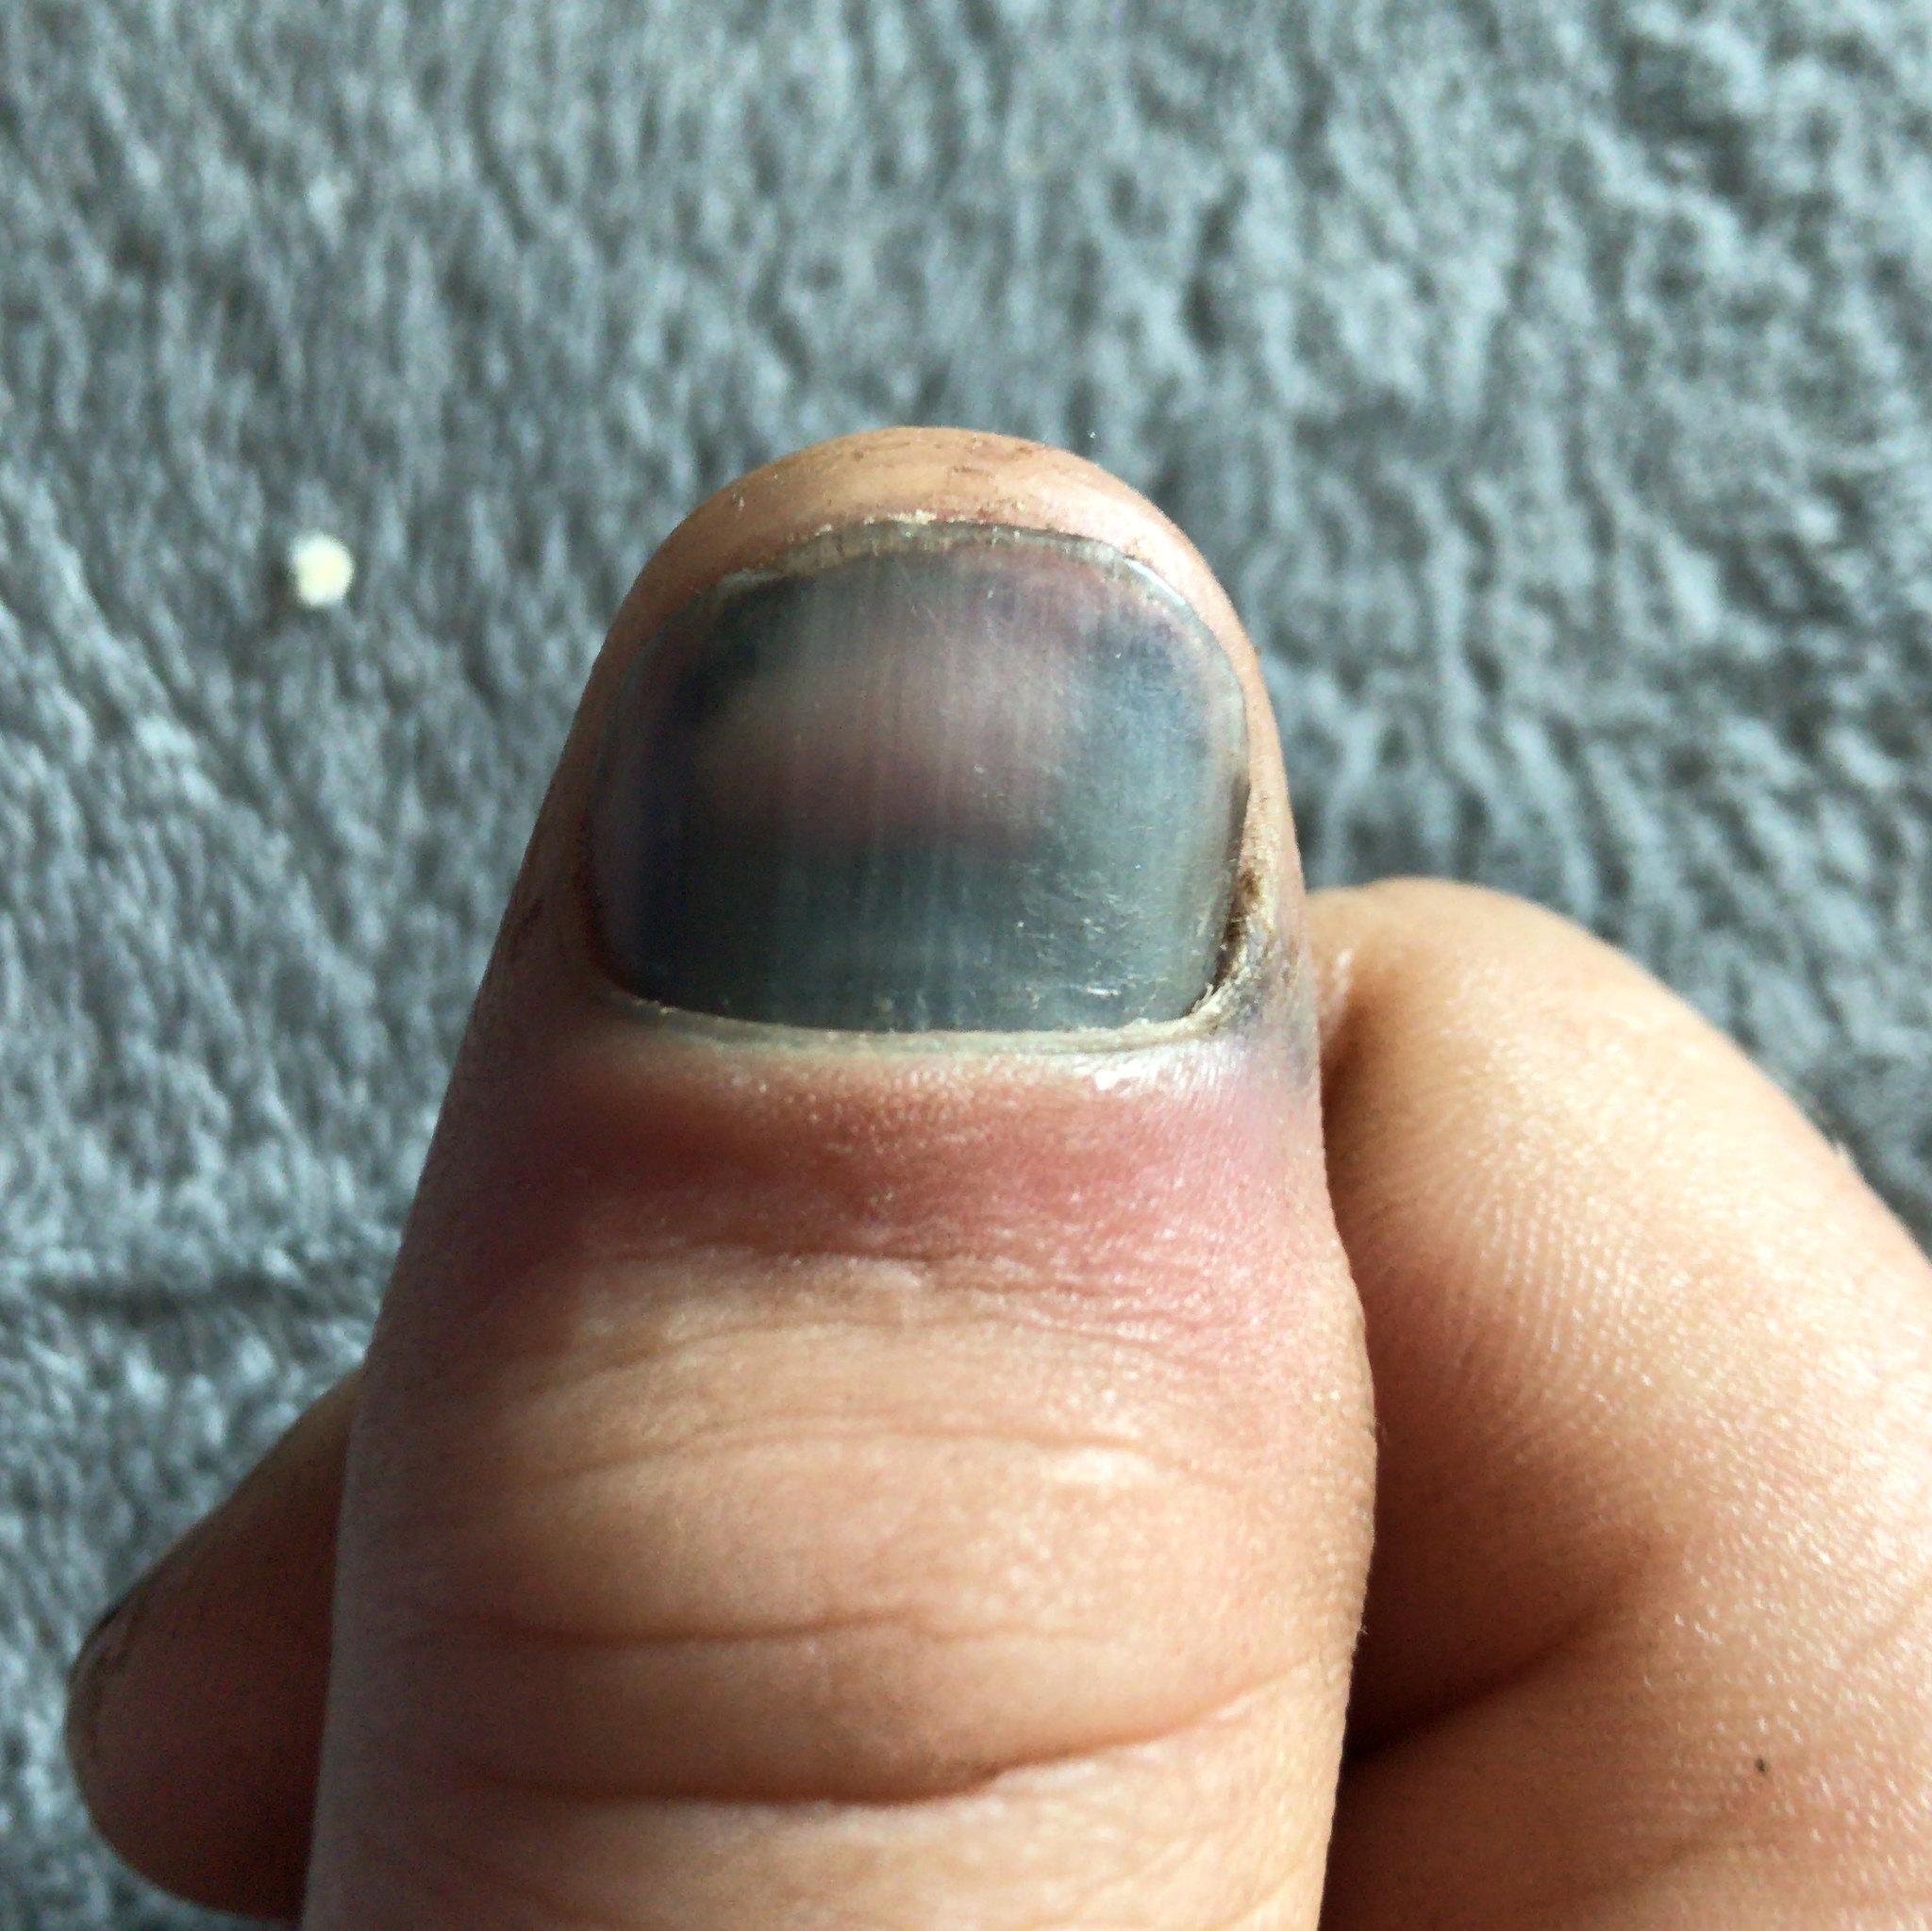 Black thumb